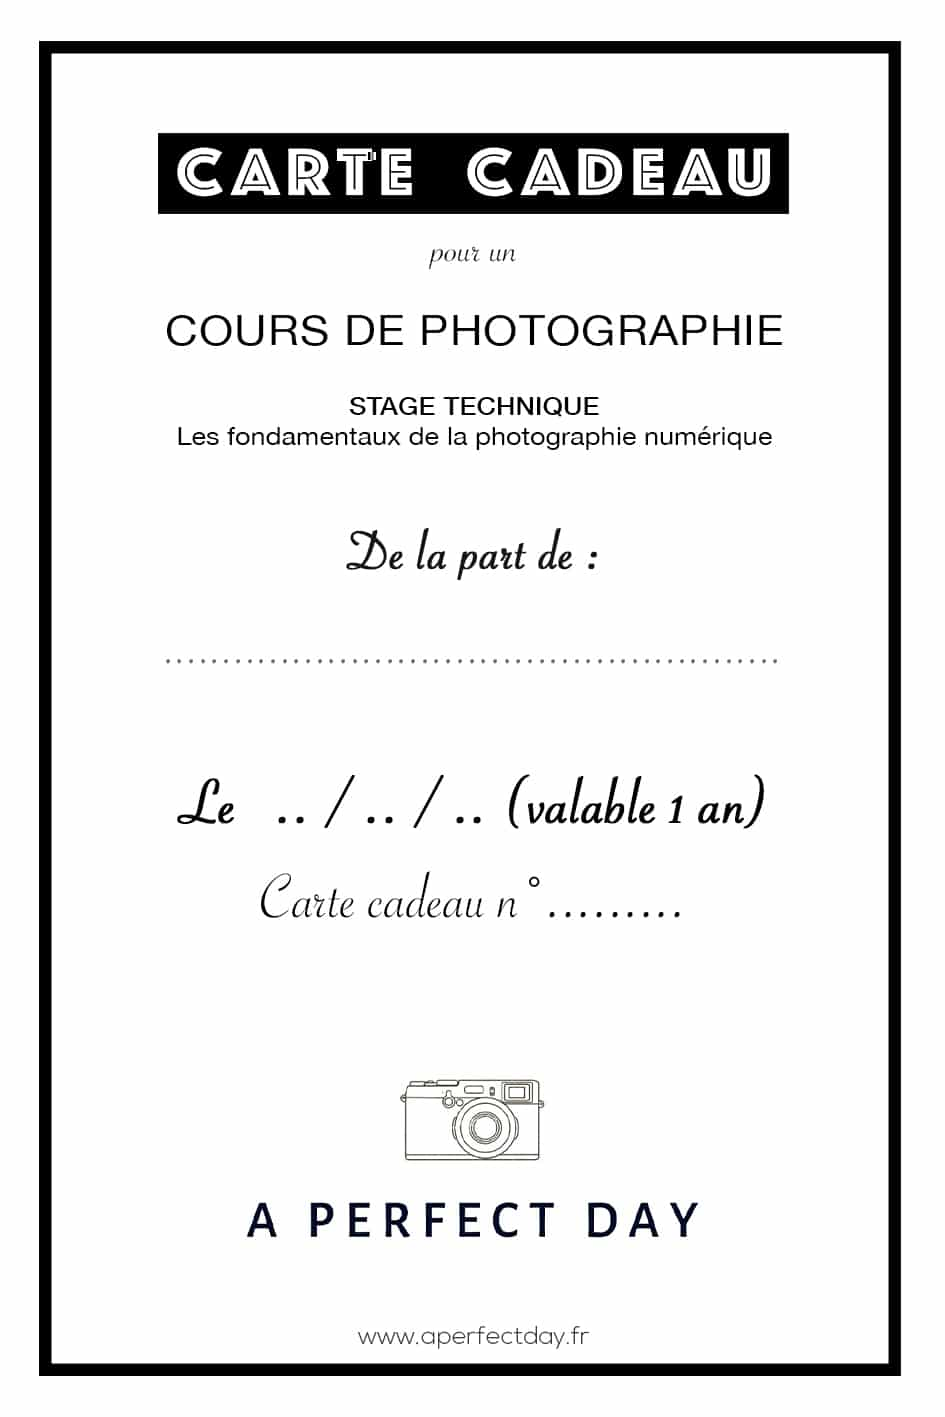 carte cadeau pour un cours de photographie | Atelier technique : les bases de la photographie numérique